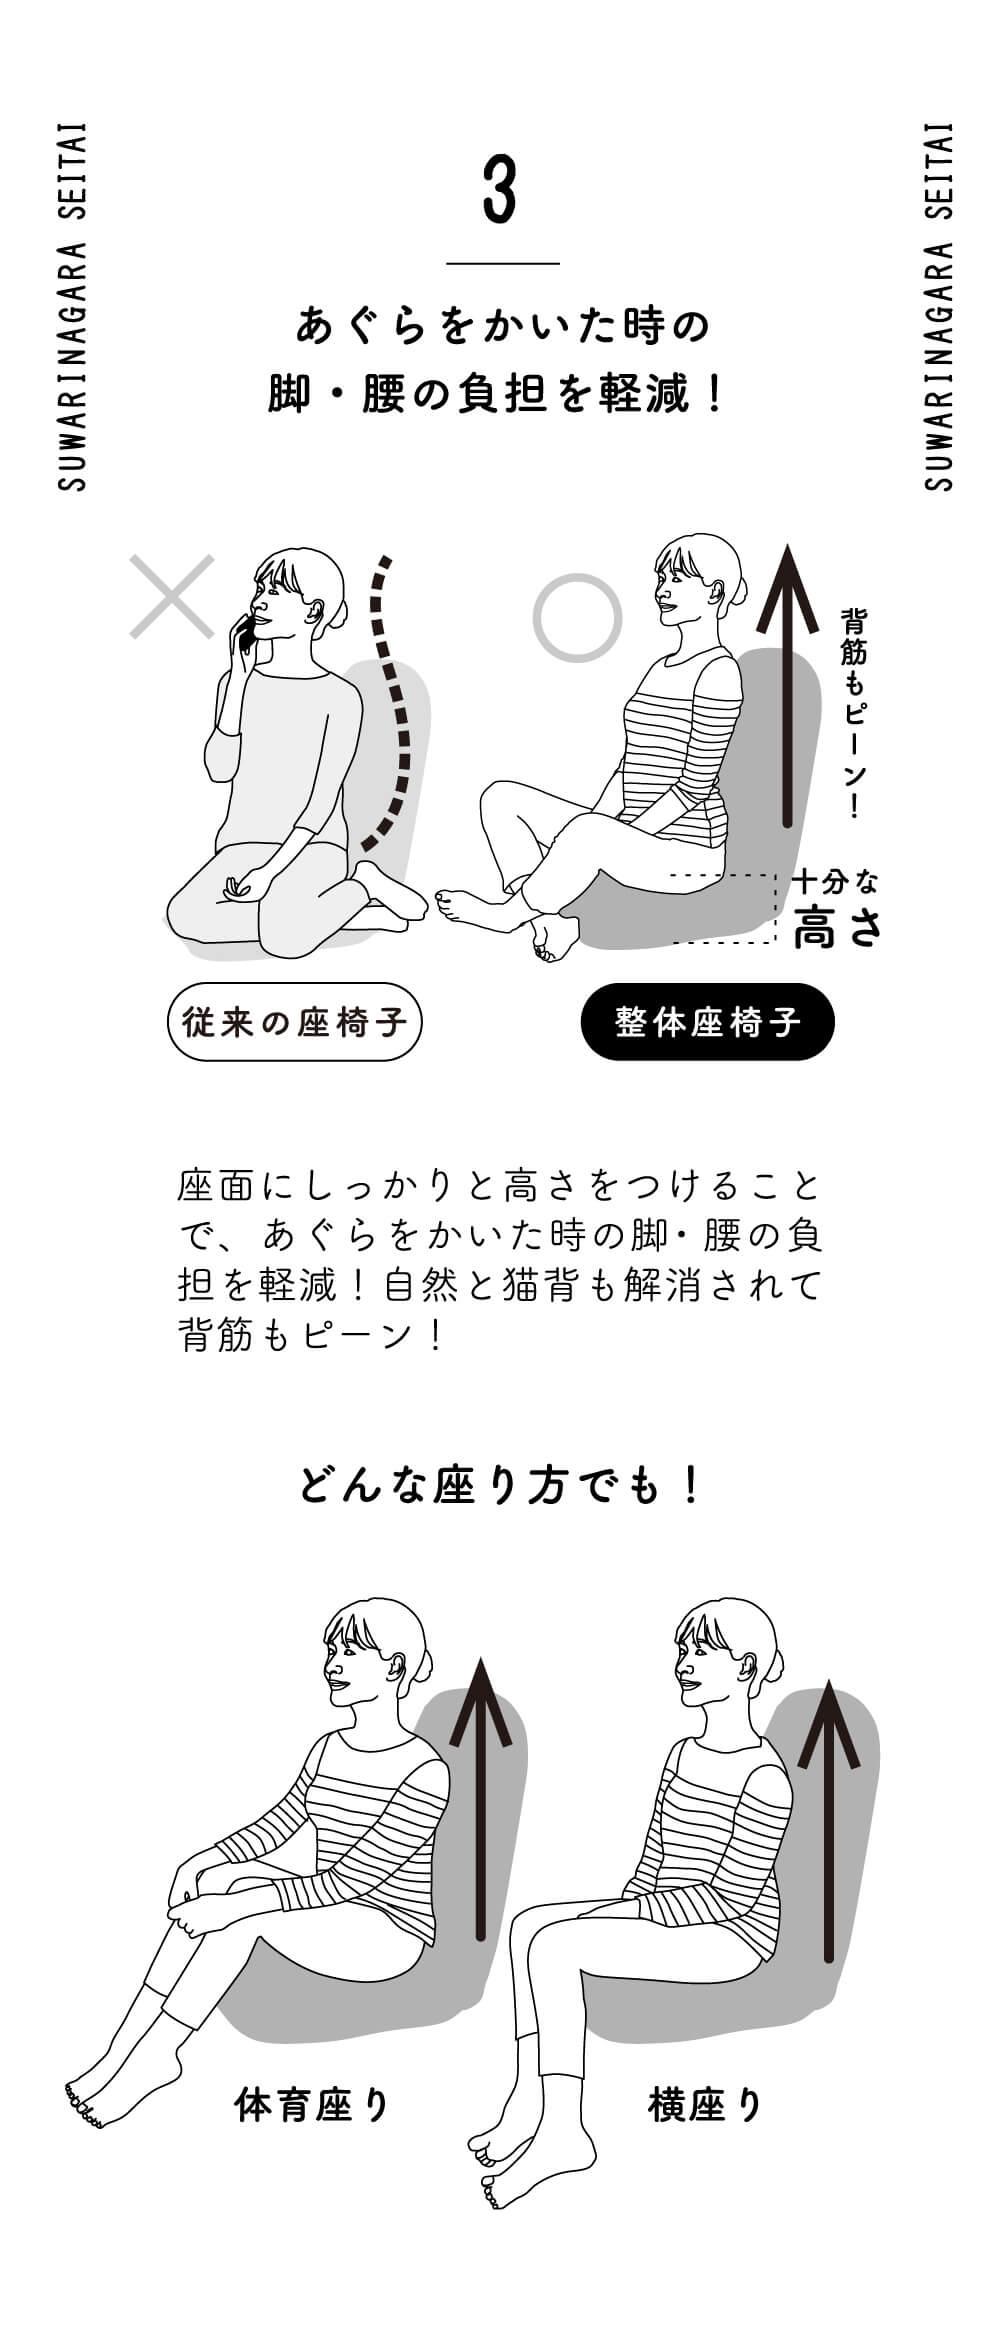 あぐらをかいた時の脚・腰の負担を軽減!体育座りや横座り、どんな座り方でも